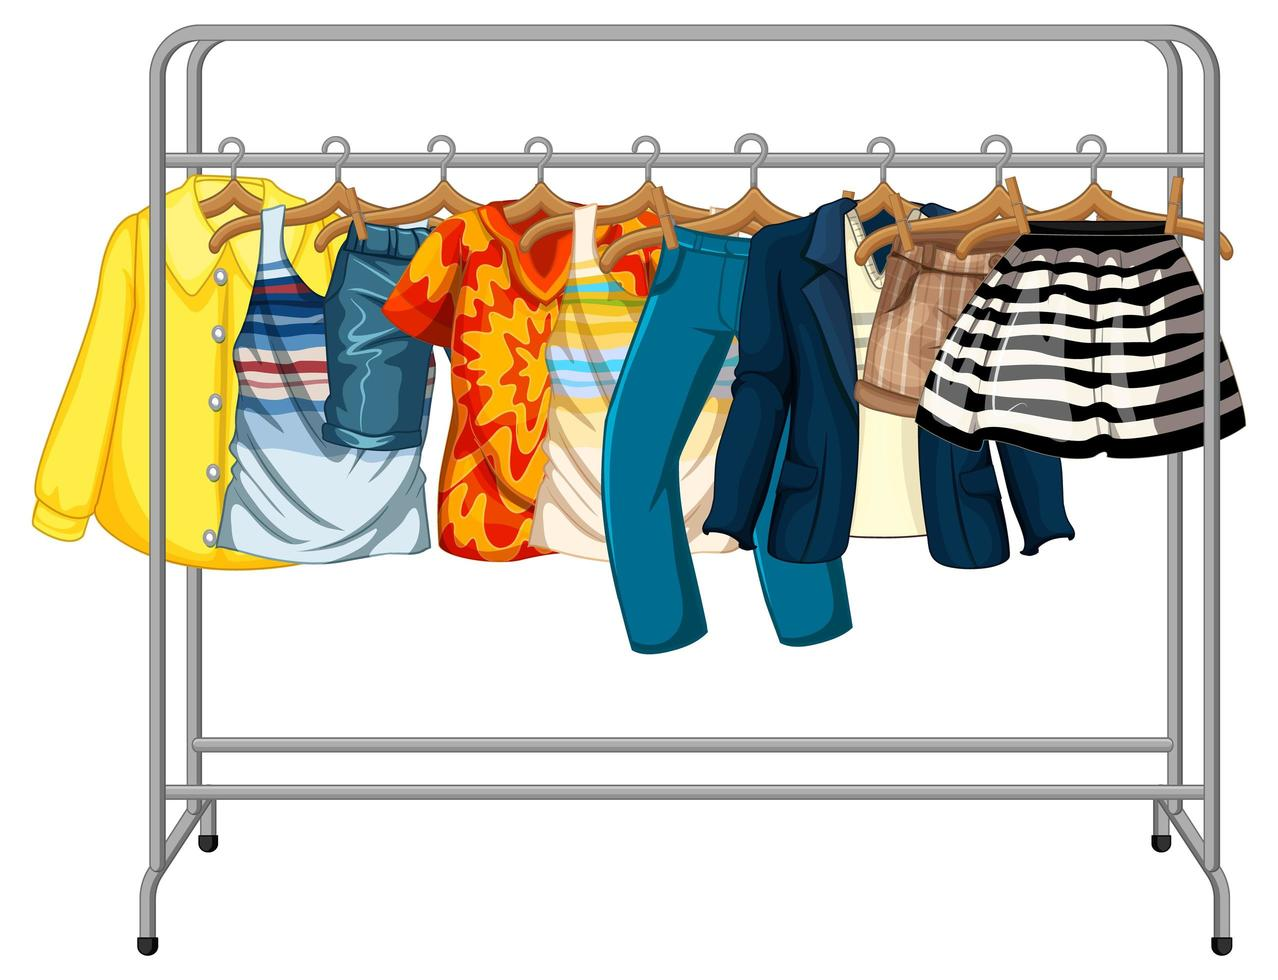 de nombreux vêtements suspendus sur un portant vecteur